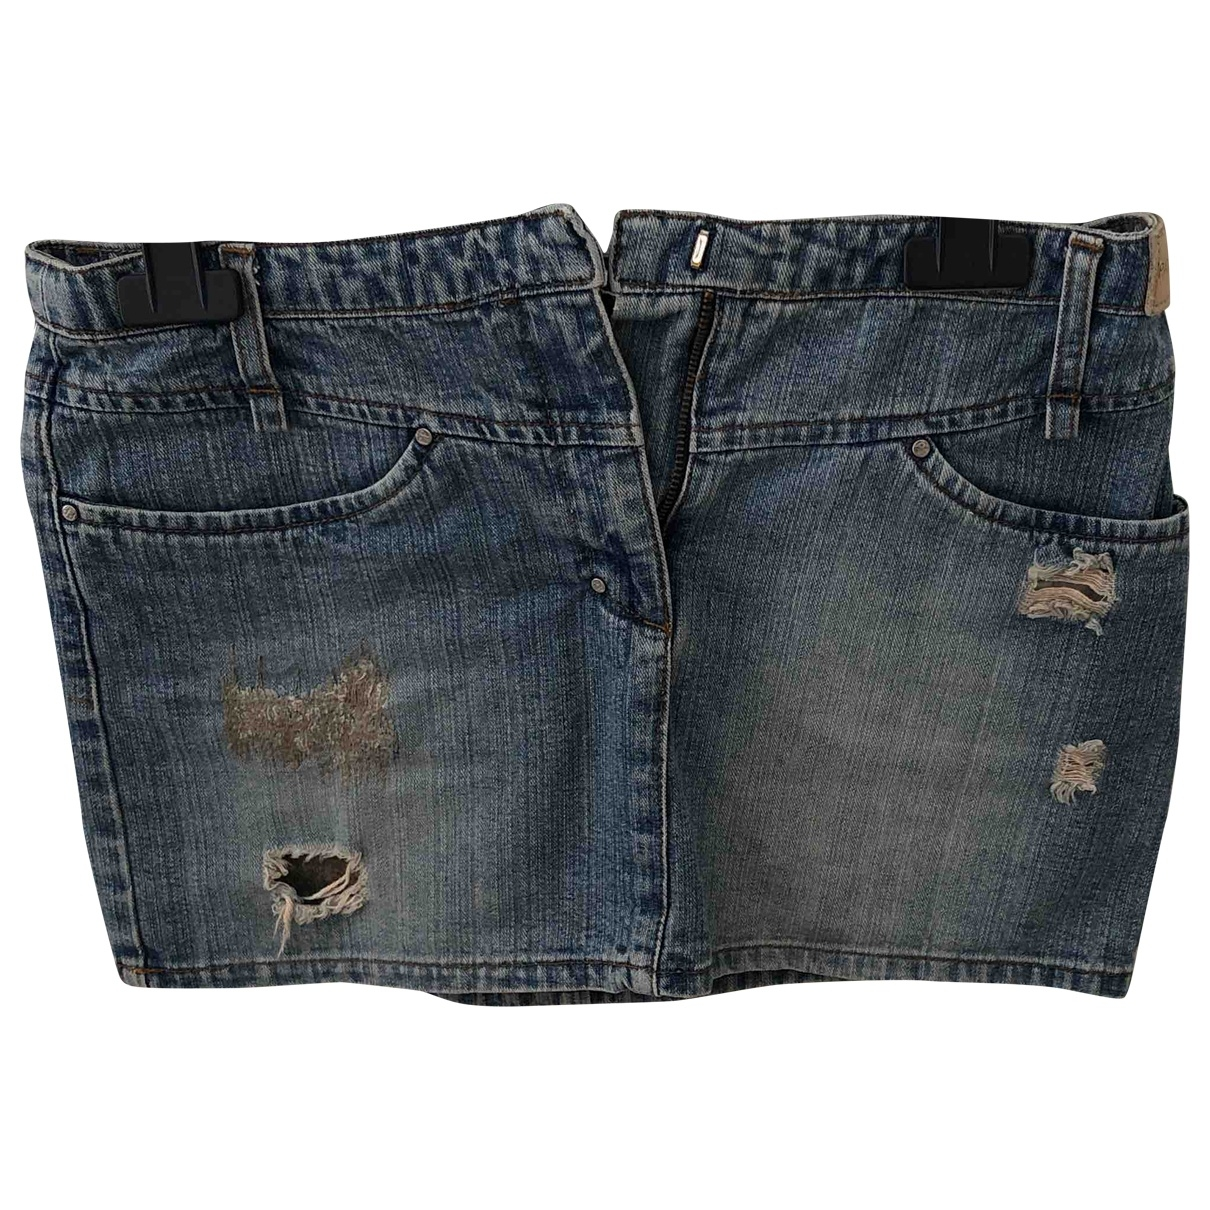 Patrizia Pepe \N Blue Denim - Jeans skirt for Women 42 IT